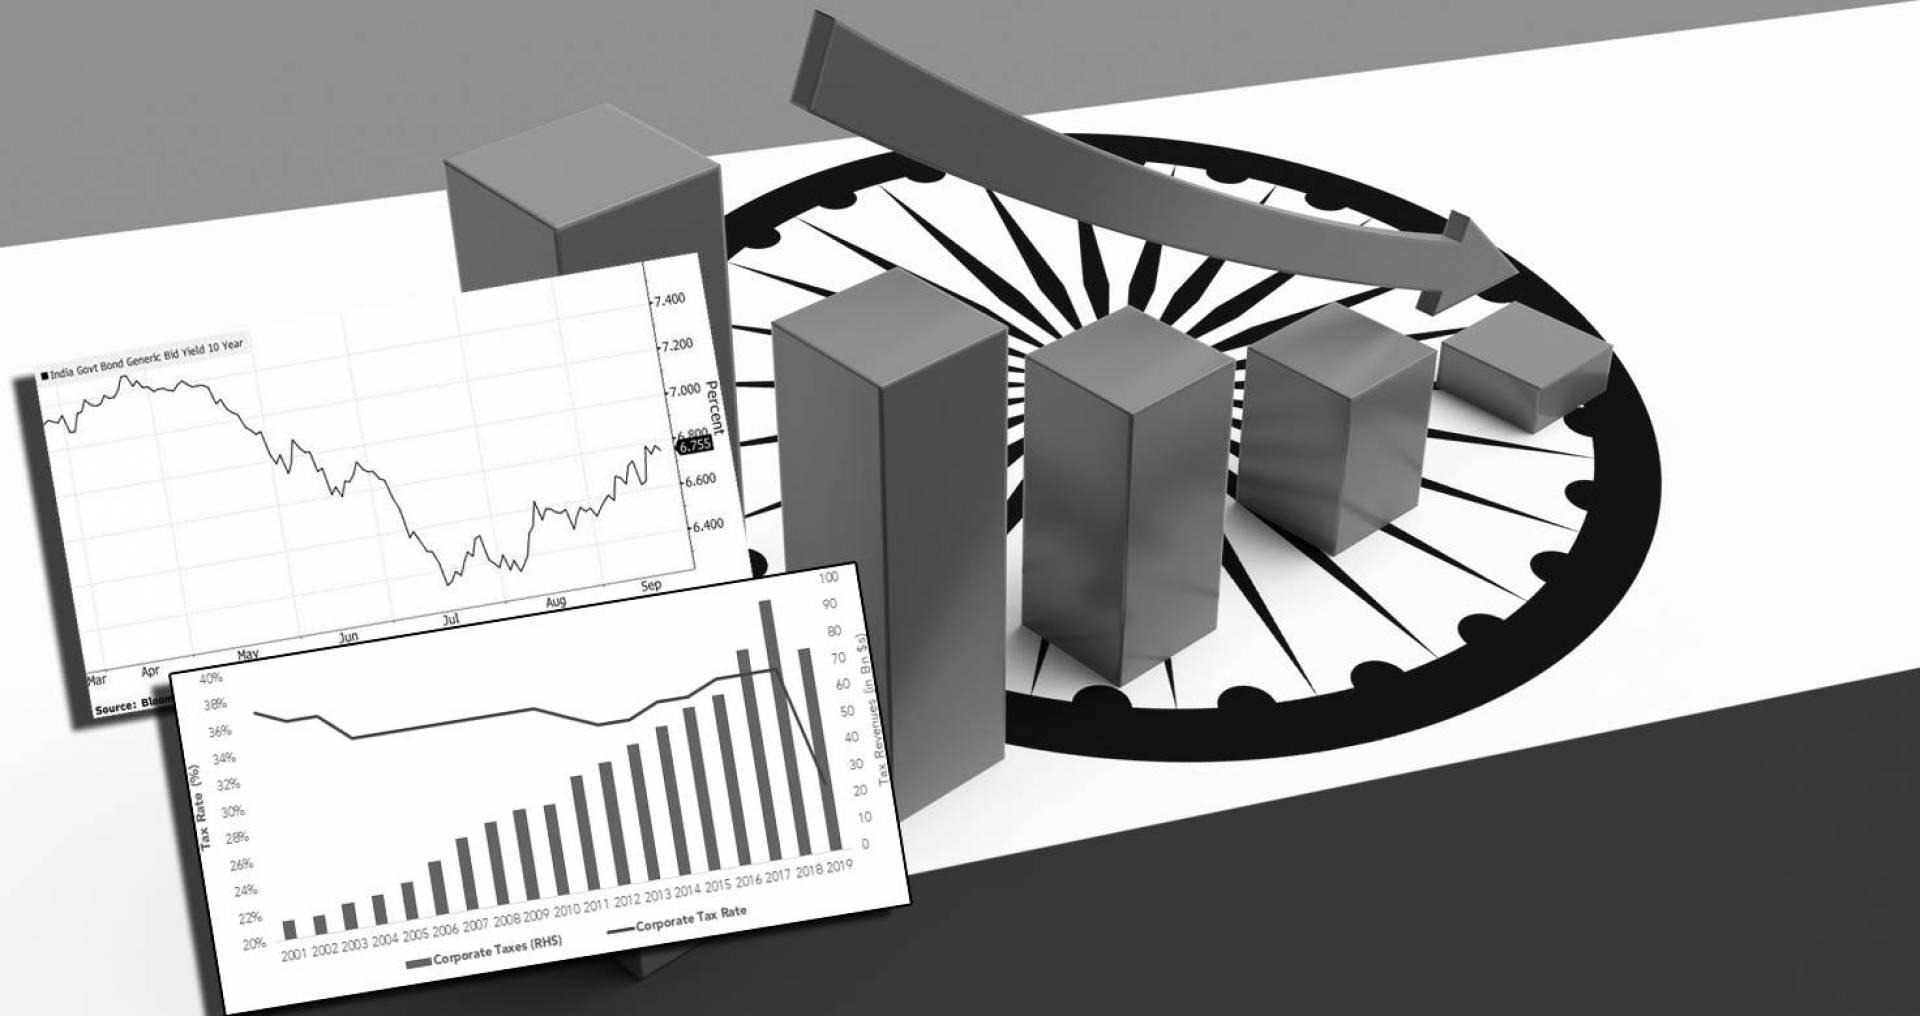 الركود المالي قادم إلى الهند.. والسندات تشهد تضخماً كبيراً